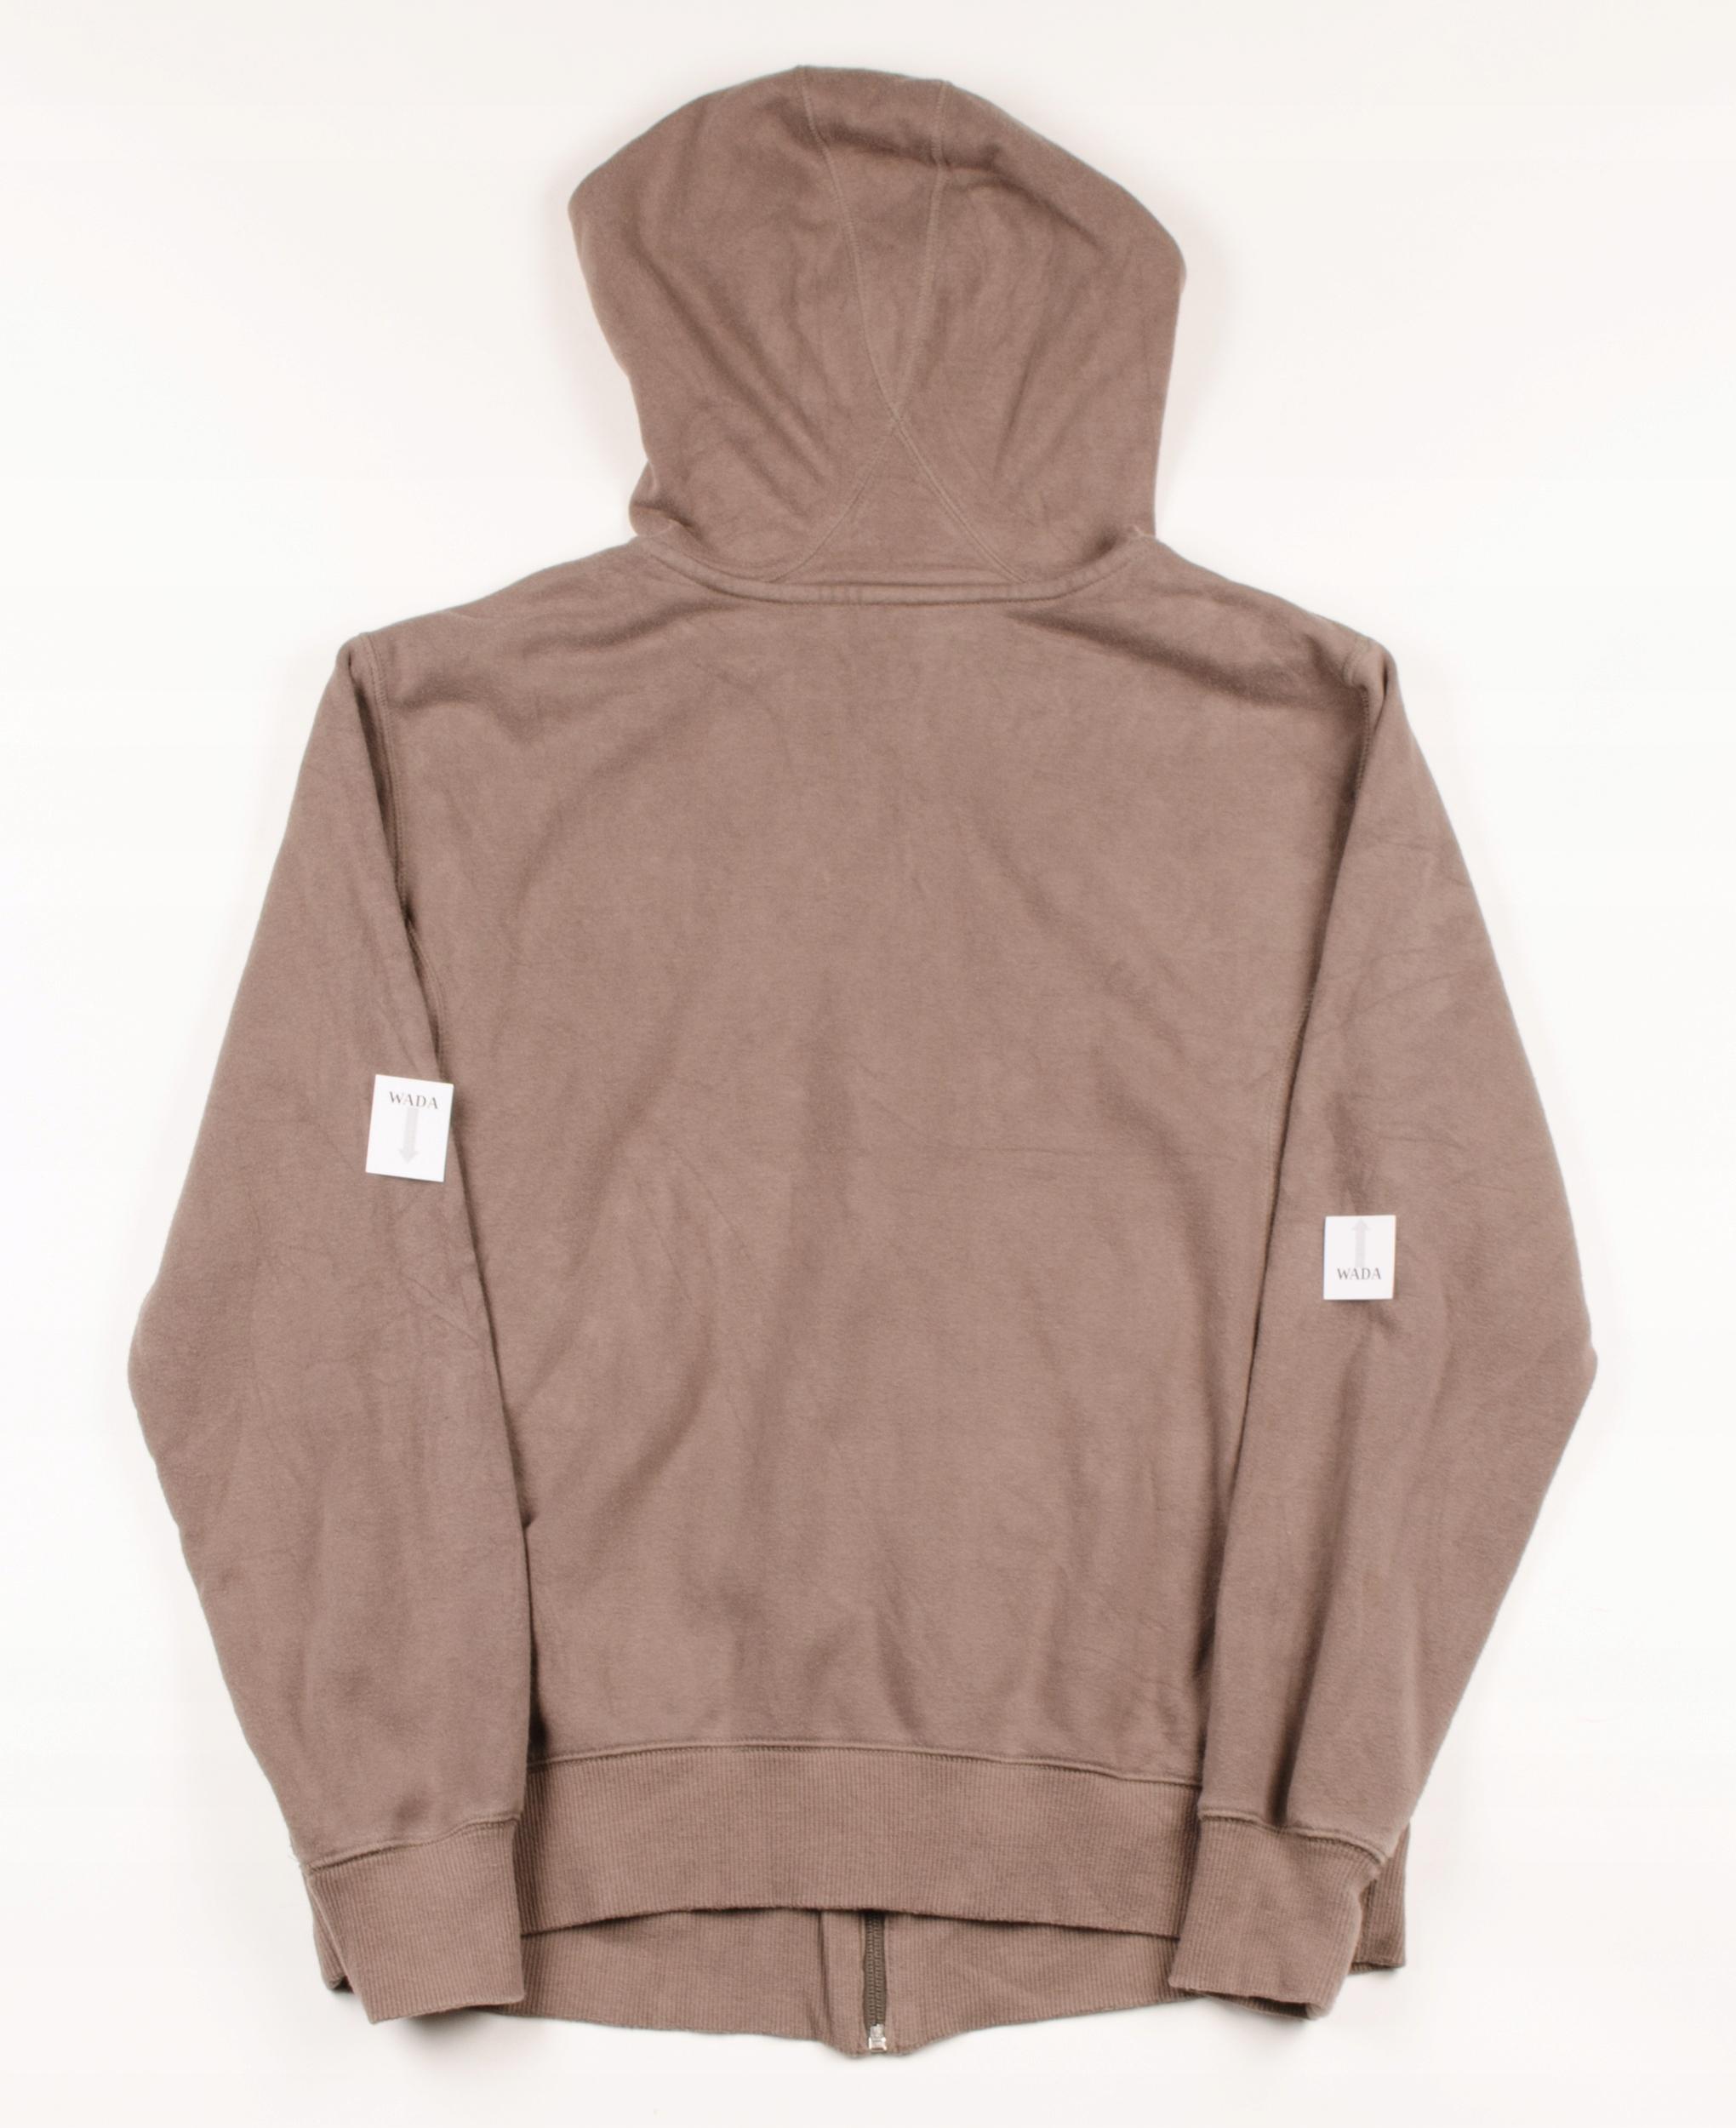 nowe tanie dobrze znany przybywa 25783 MICRO WADA Nike Bluza Damska XL